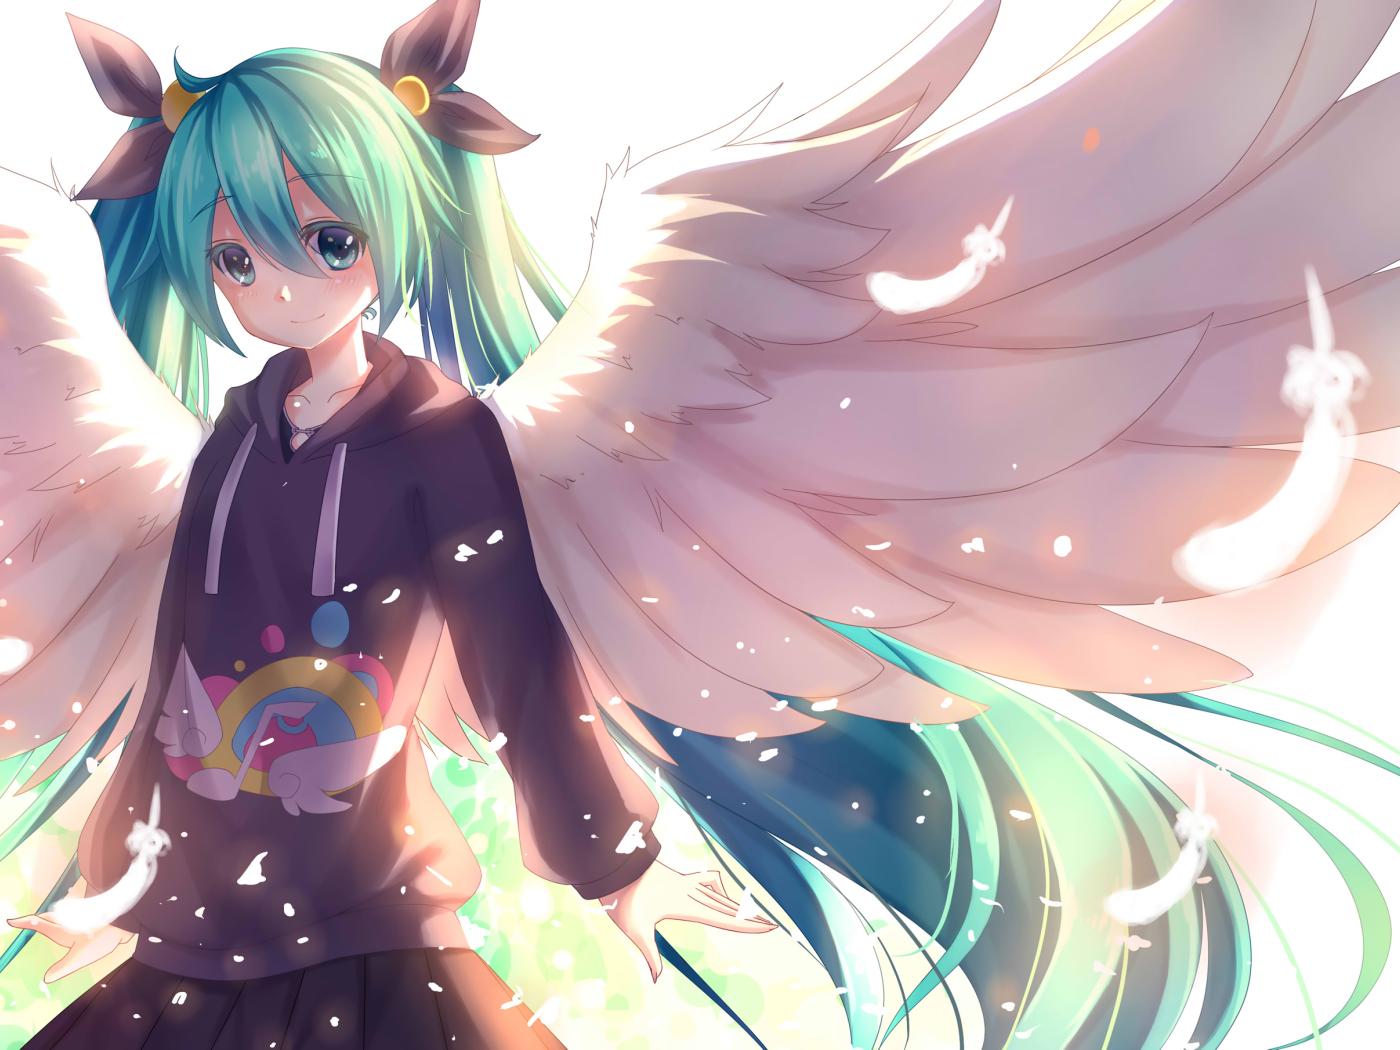 Download Vocaloid, Girl, Hatsune Miku 1400x1050 Resolution